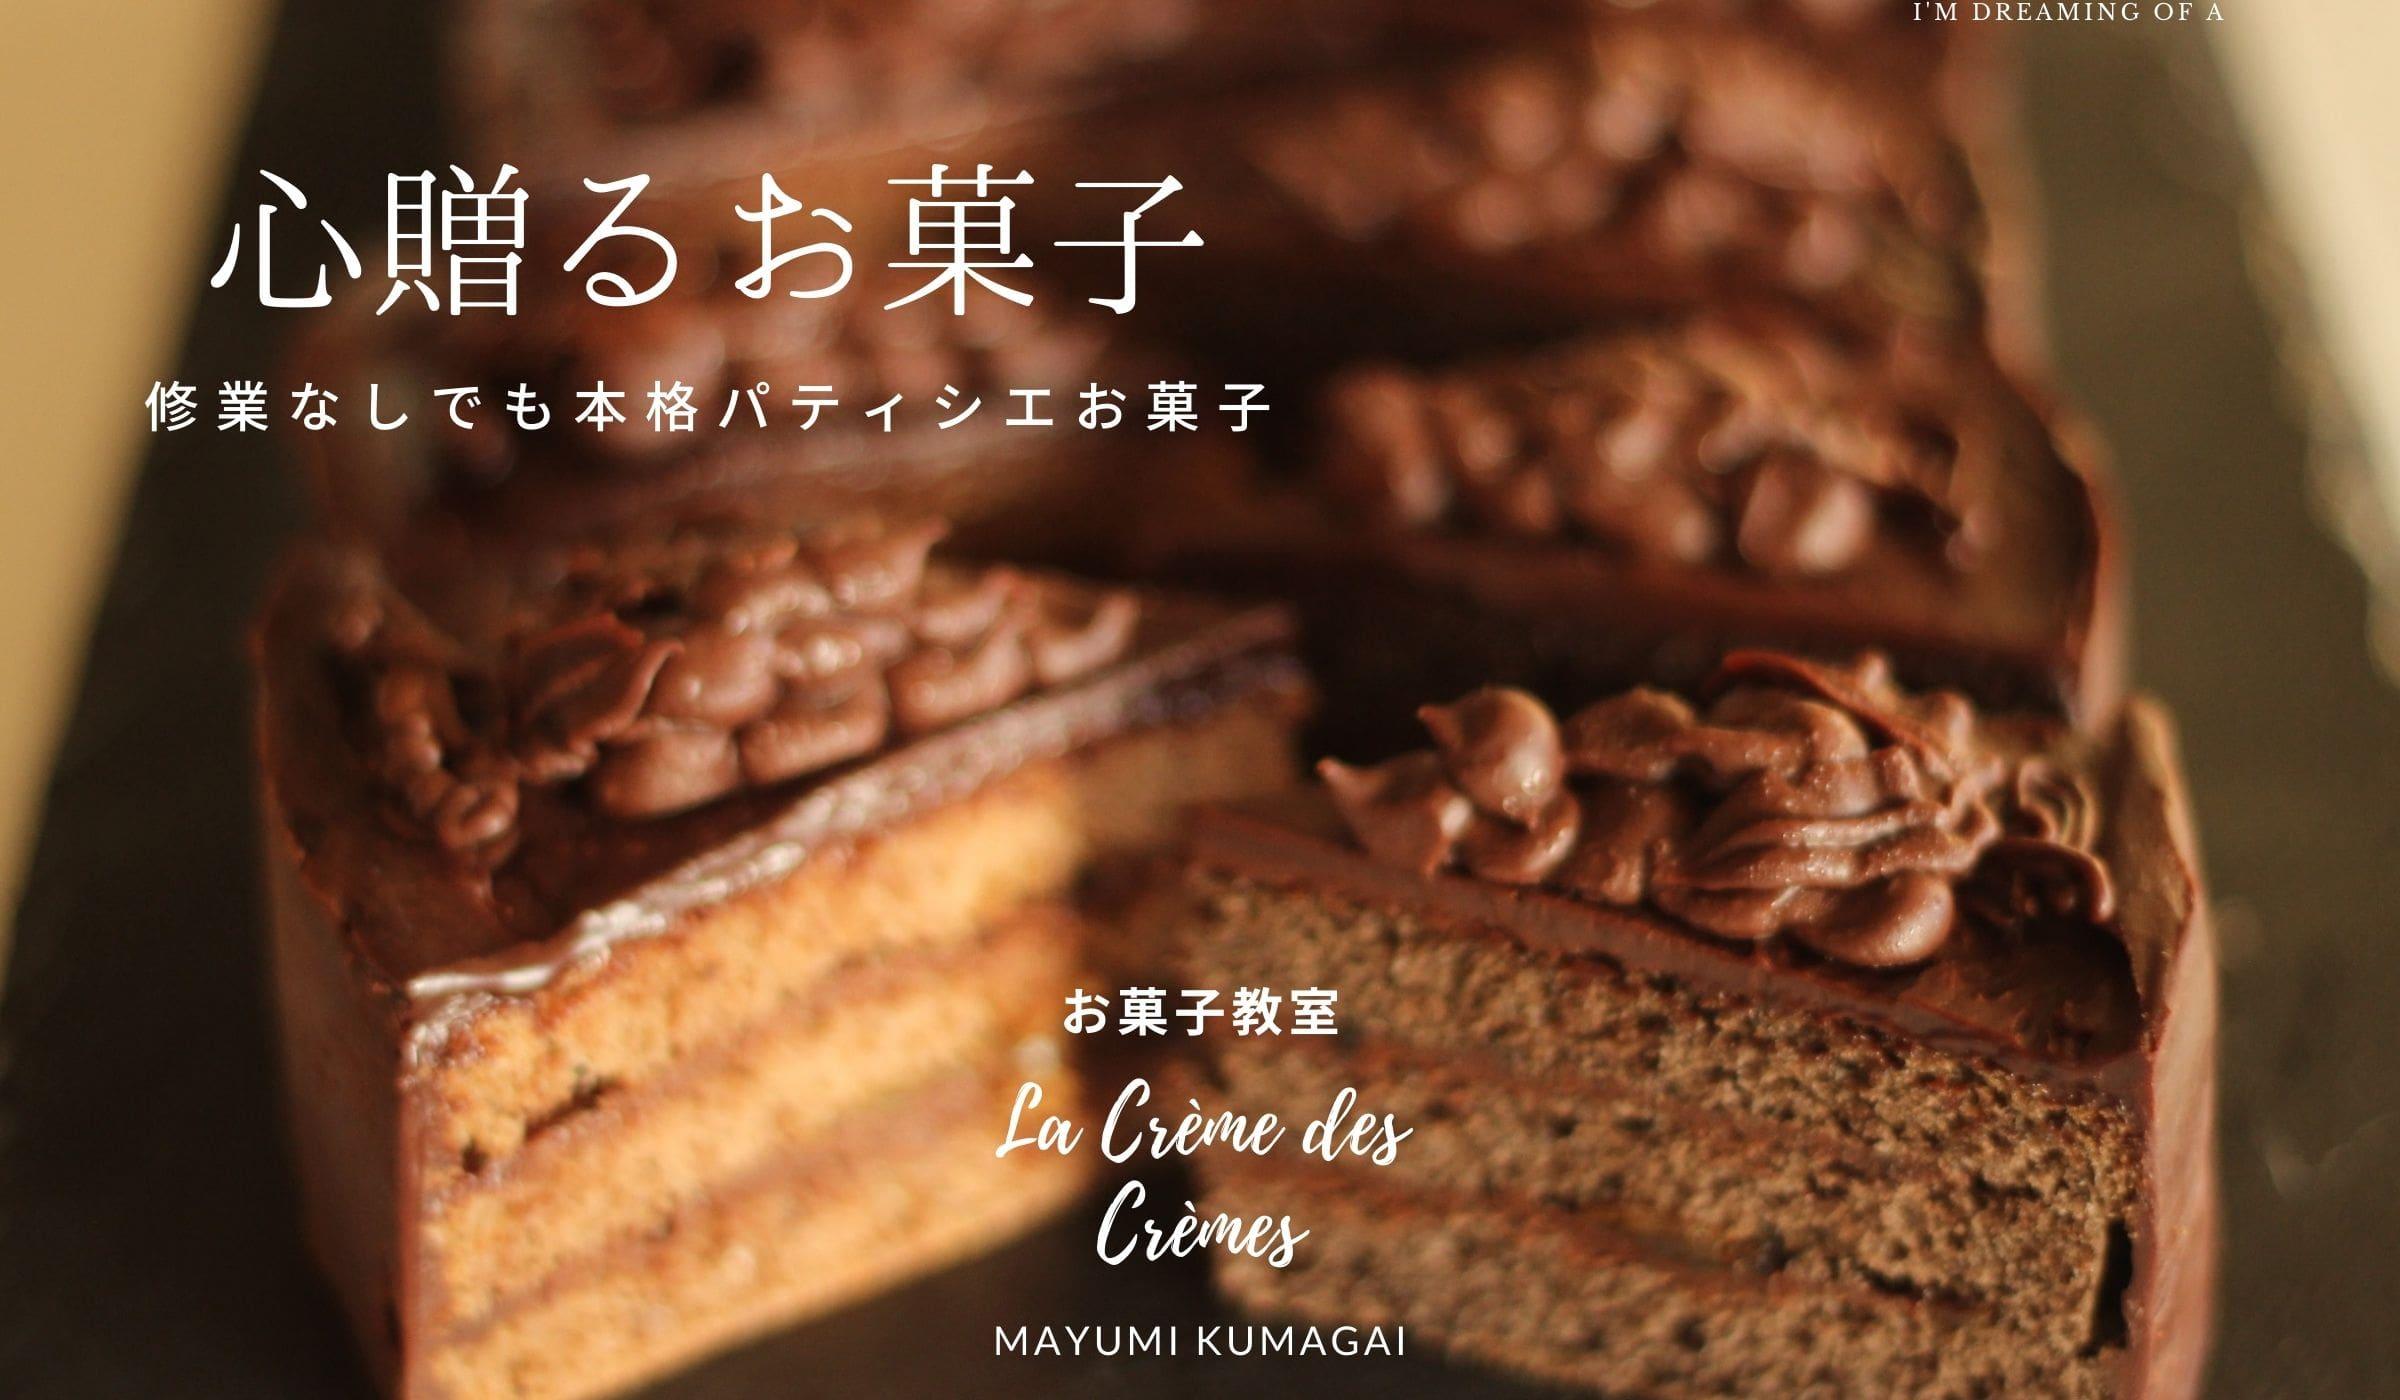 プロの料理研究家が教えるお料理教室とお菓子教室 東京ベイ千葉県浦安市JR新浦安駅